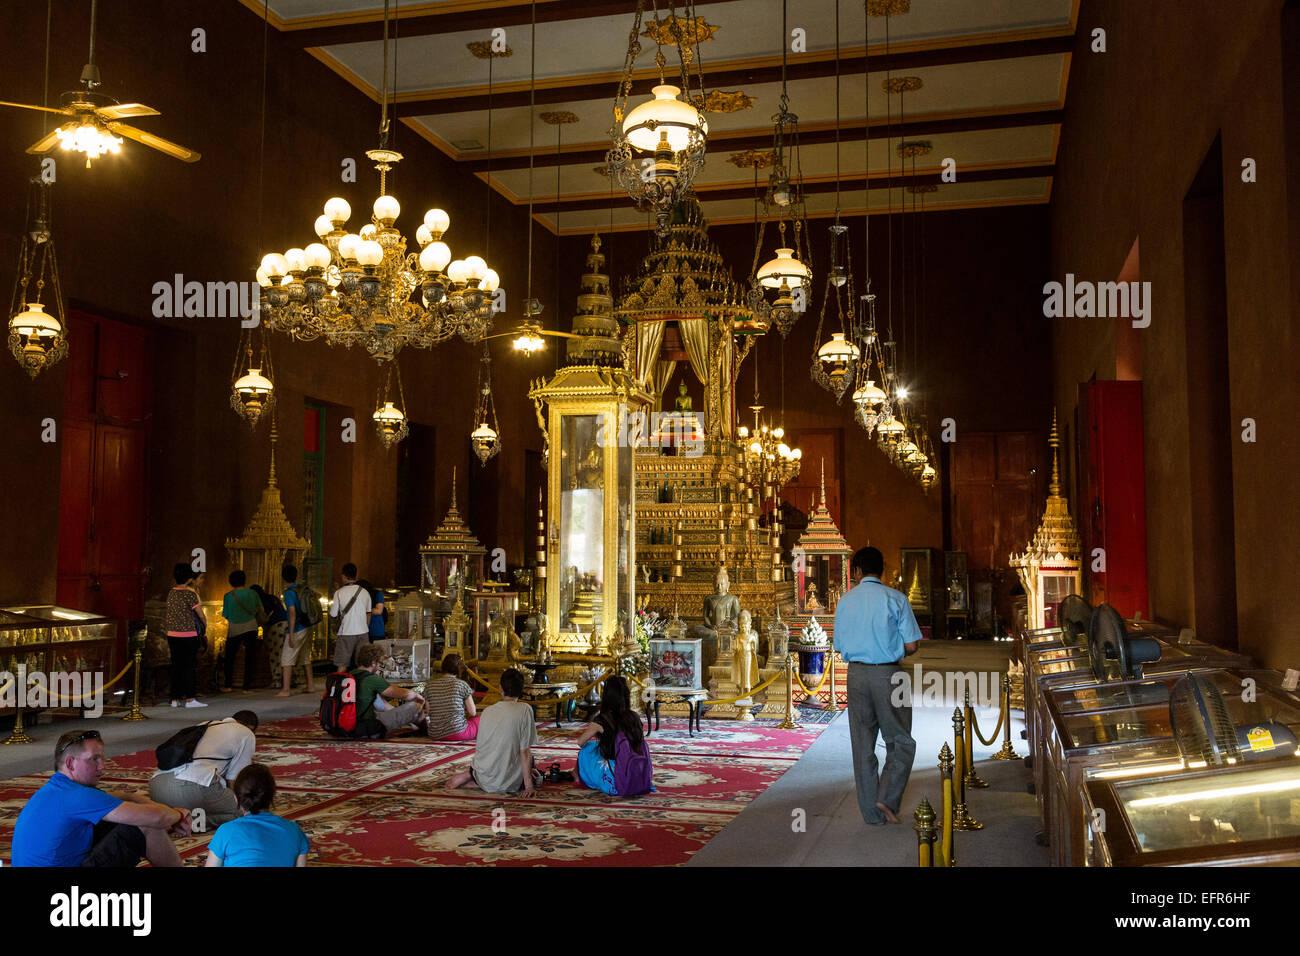 L'intérieur de la Pagode d'argent, du Palais Royal, Phnom Penh, Cambodge. Banque D'Images